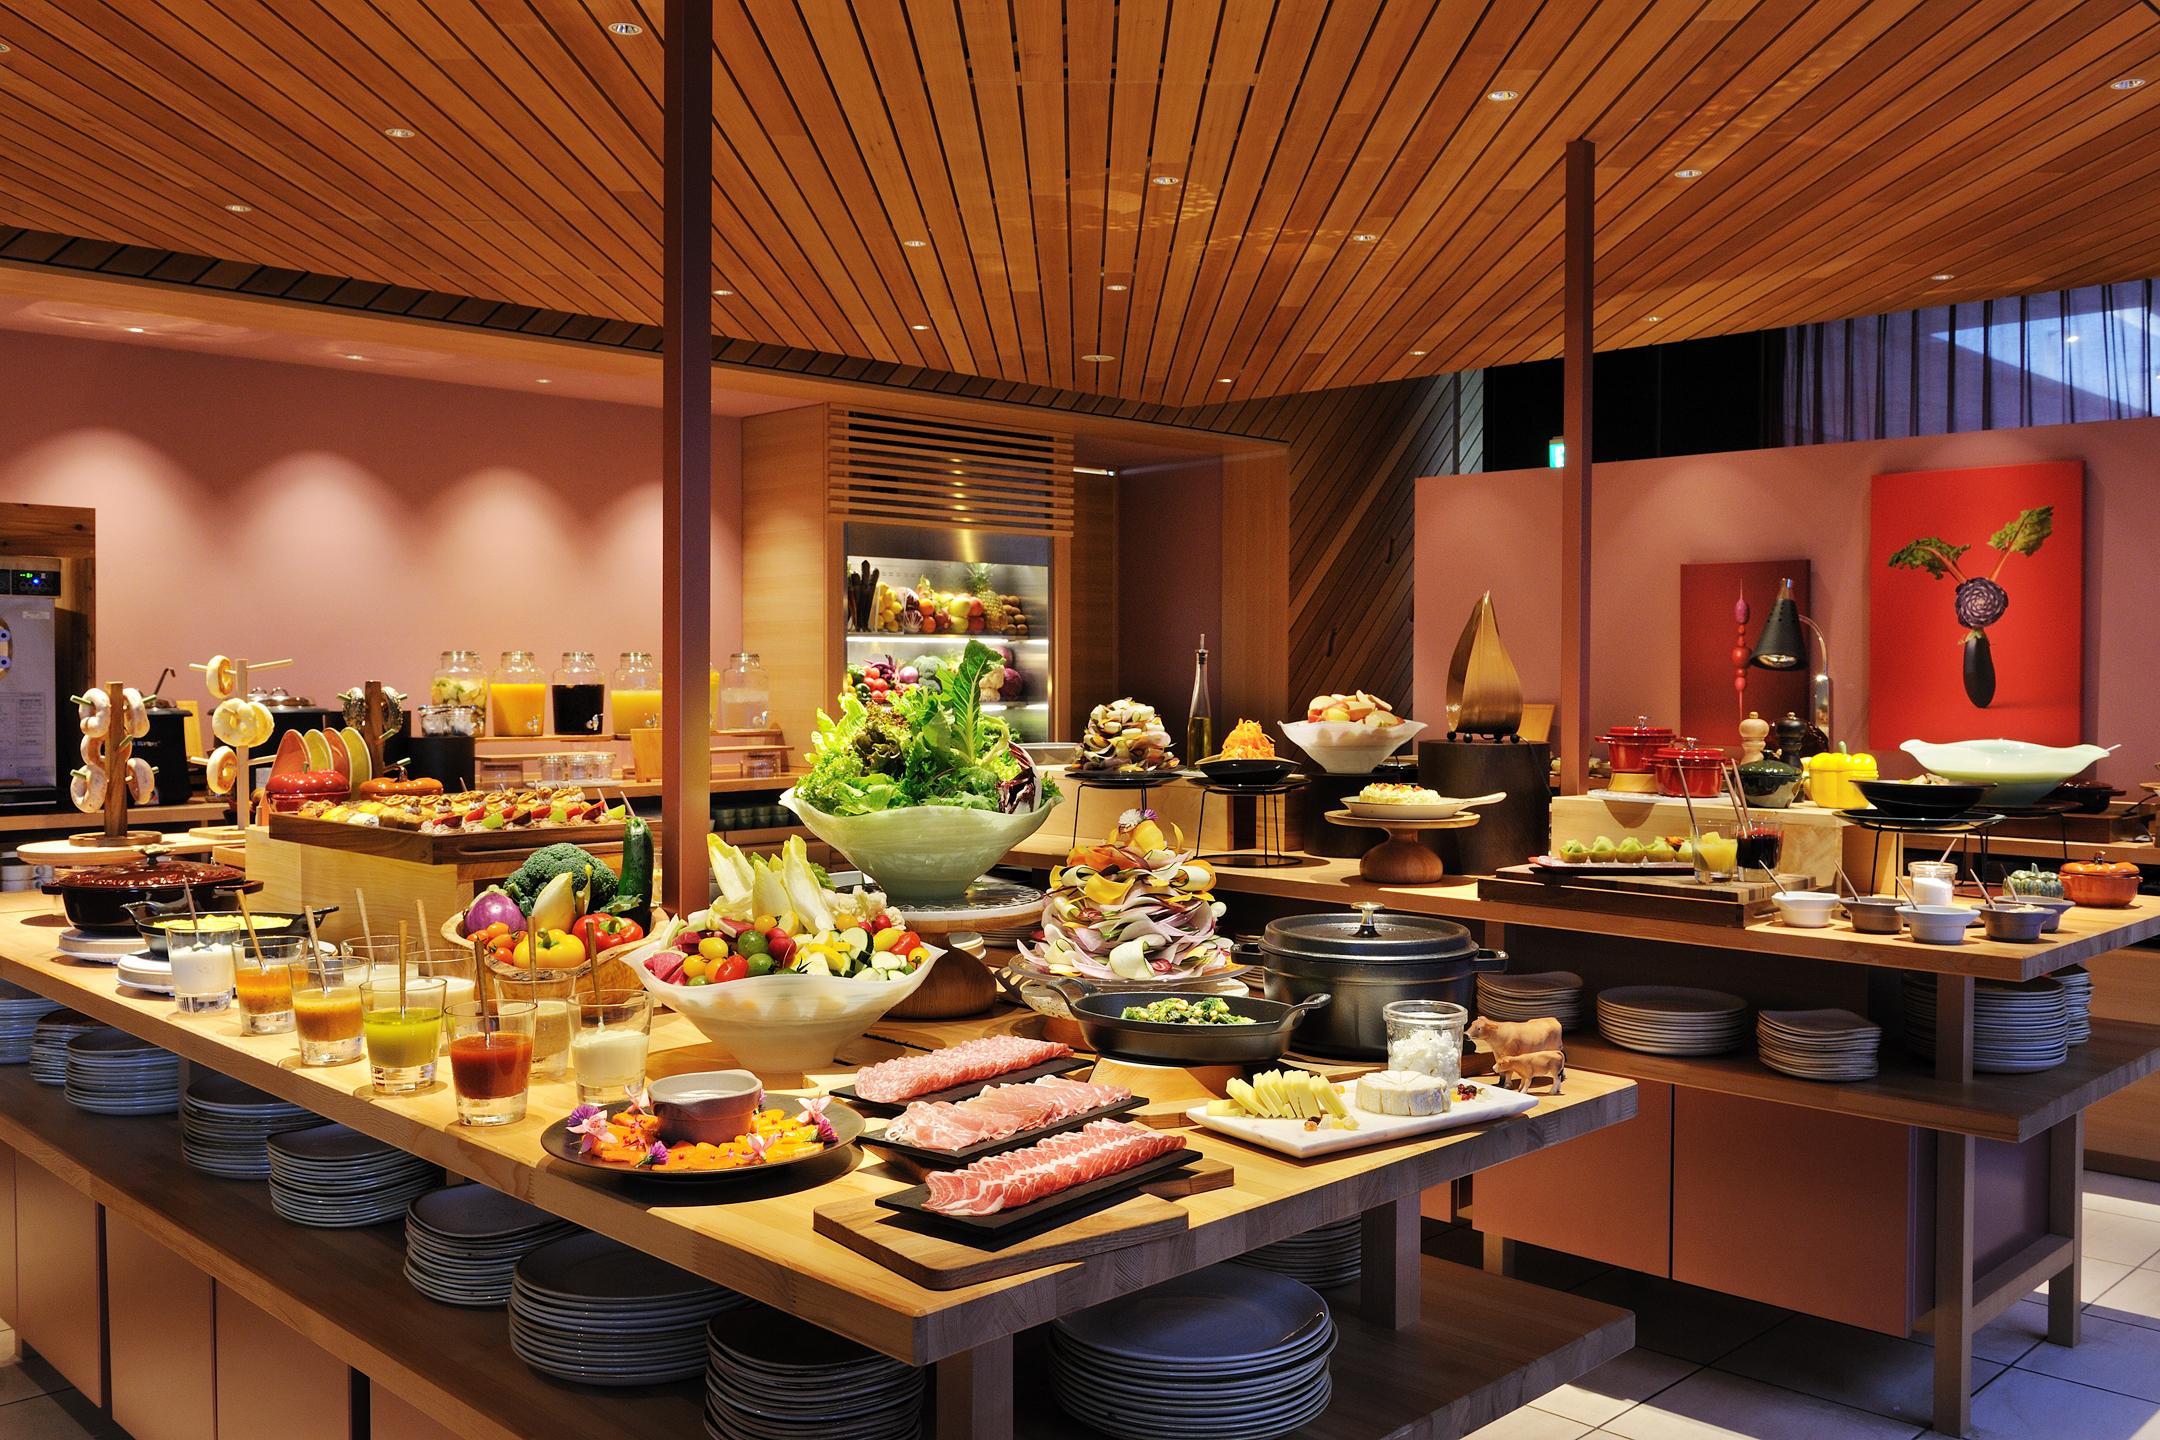 【リゾナーレ那須】夕食 SHAKI SHAKI